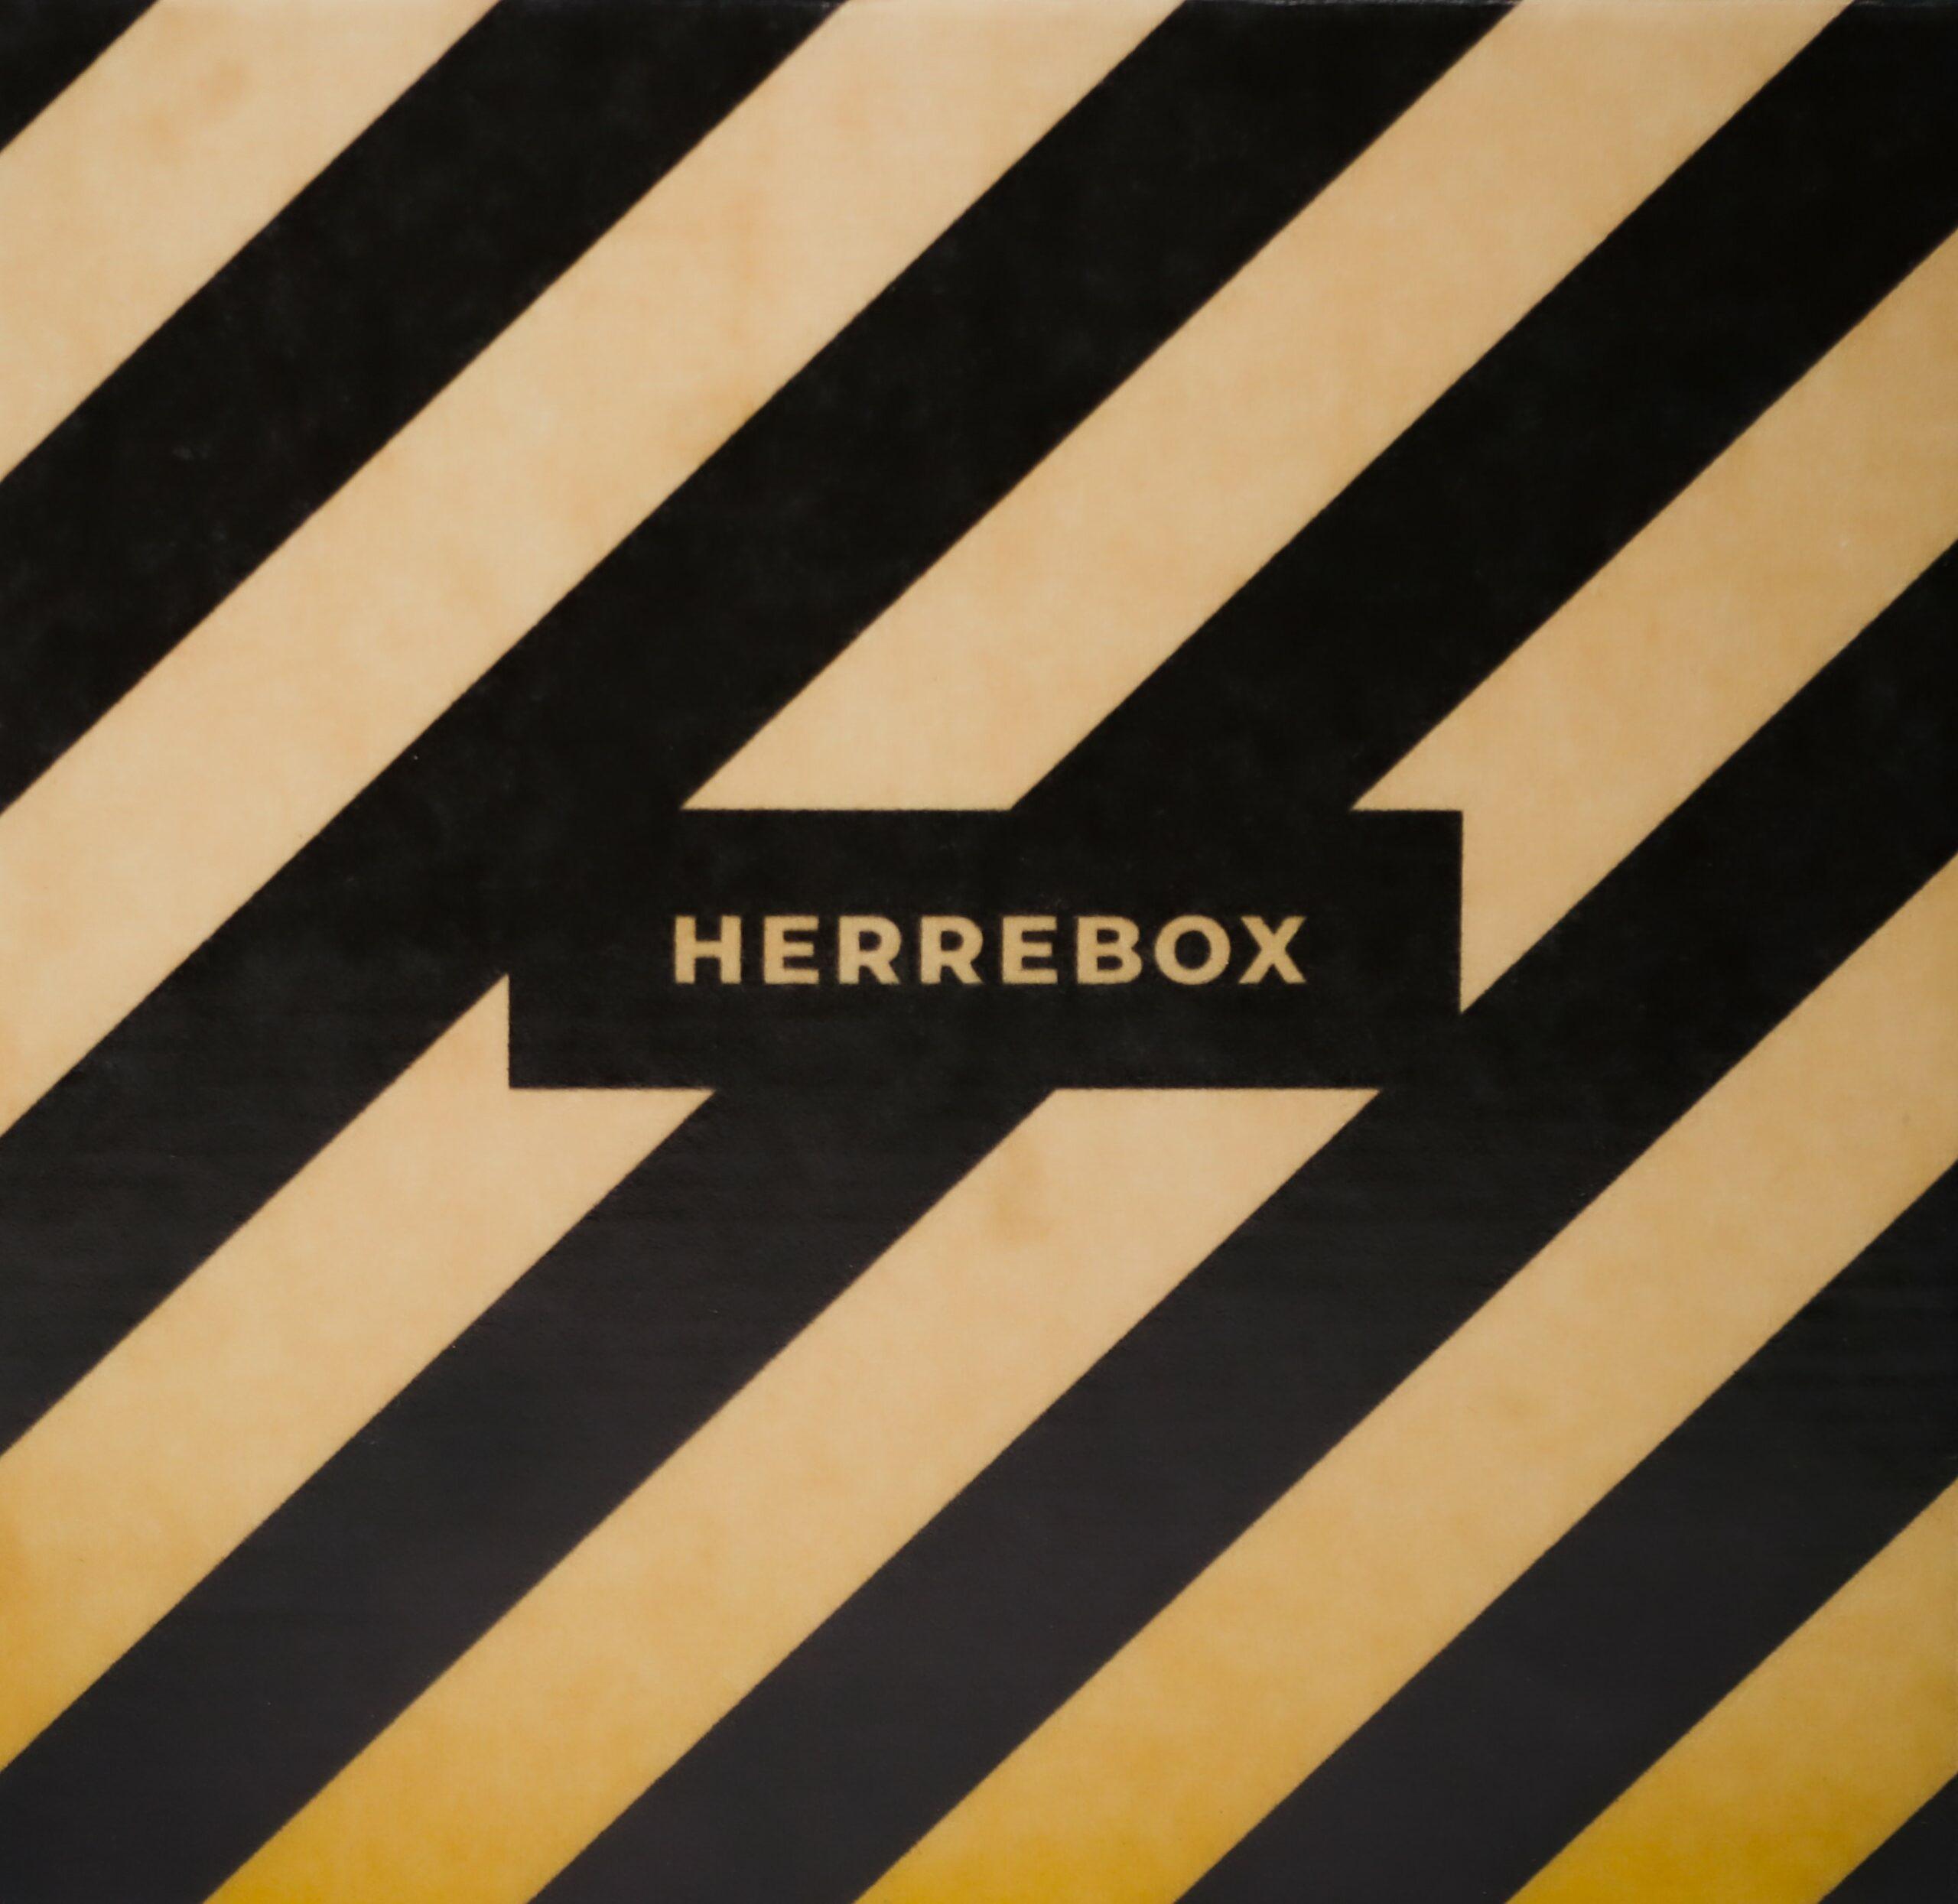 herrebox